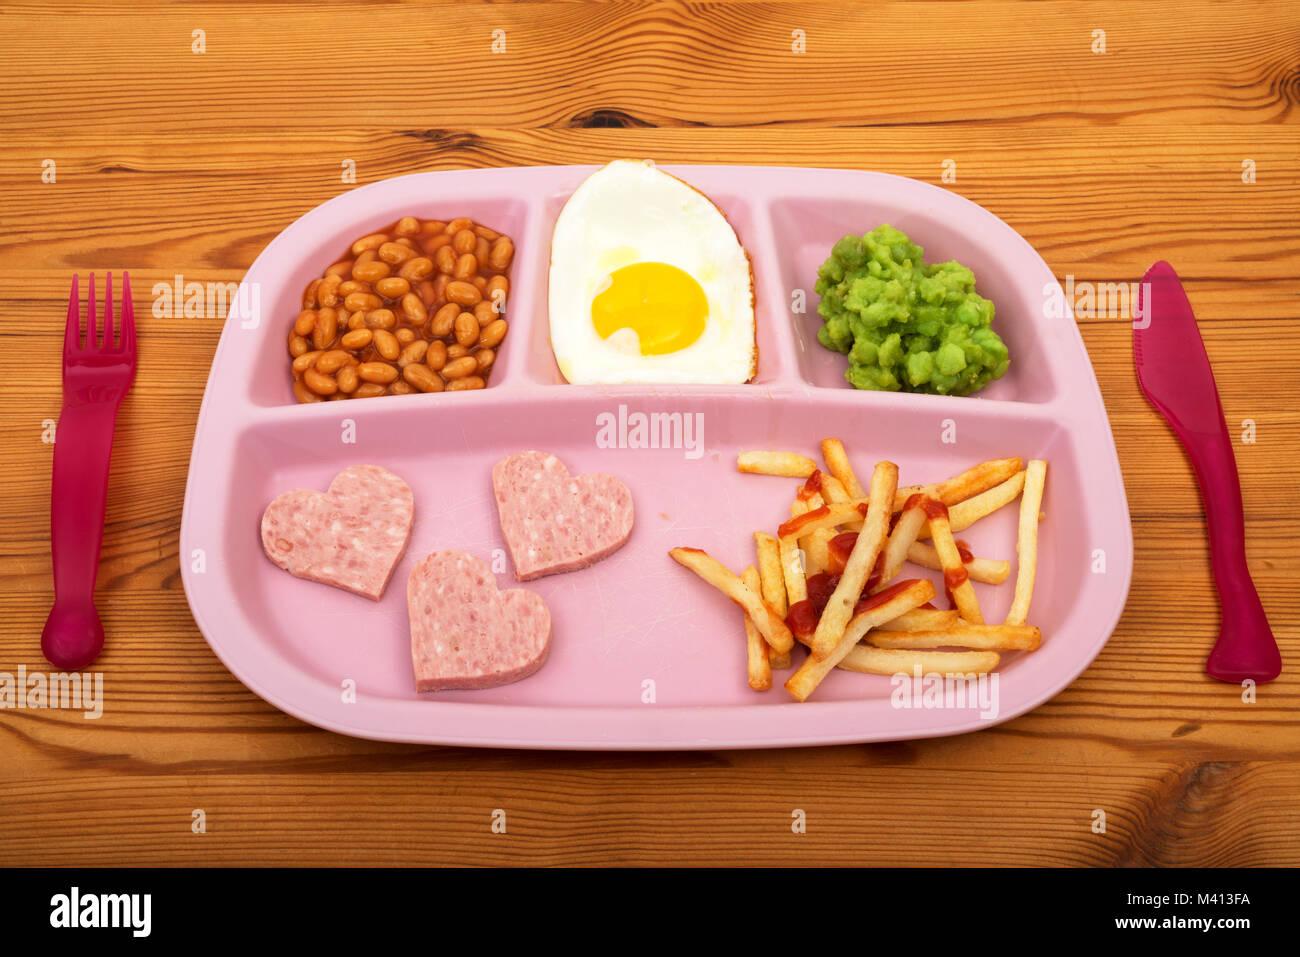 Child's TV dinner - Stock Image